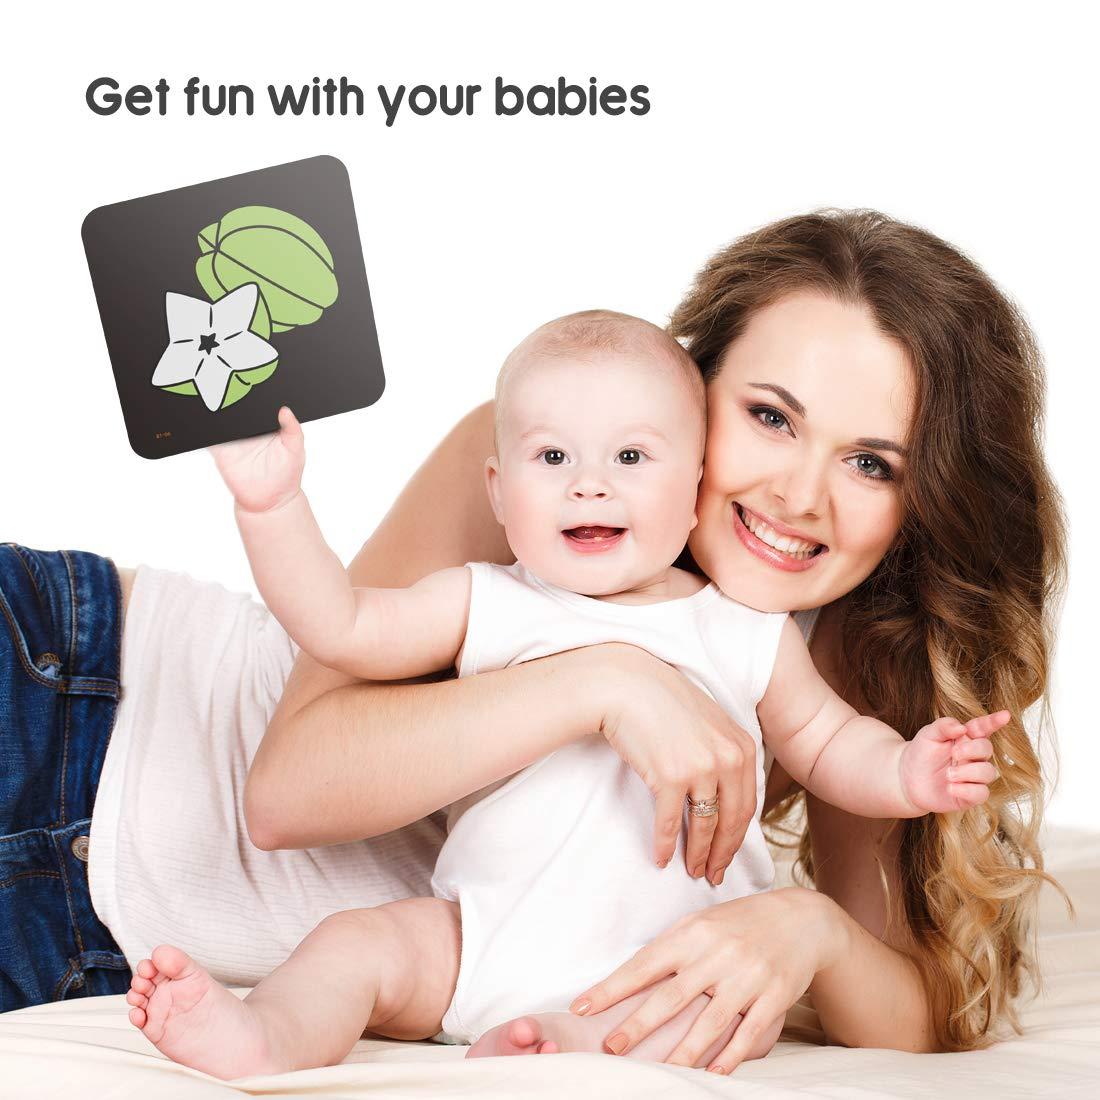 TUMAMA Schwarz Wei/ß Baby Flash Karten,Kleinkind-Baby Flash Cards mit Tieren Fruchtform Buchstabe Alphabet Zahlen Lernkarten,Neugeborene Aktivit/ät Spielzeug Geschenk f/ür Baby Kleinkind,Kleinkinder